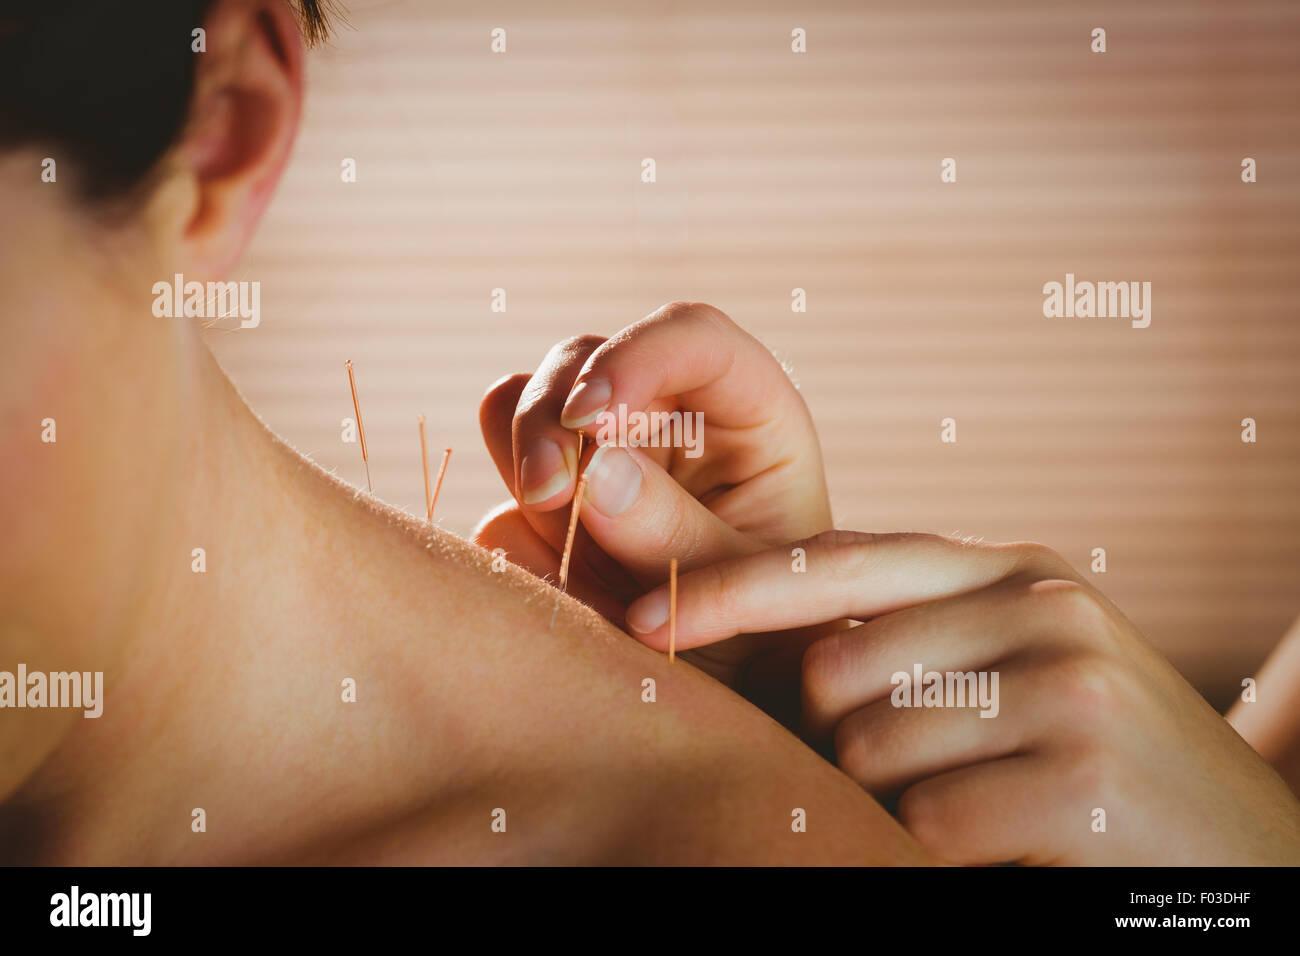 Junge Frau immer Akupunktur-Behandlung Stockbild